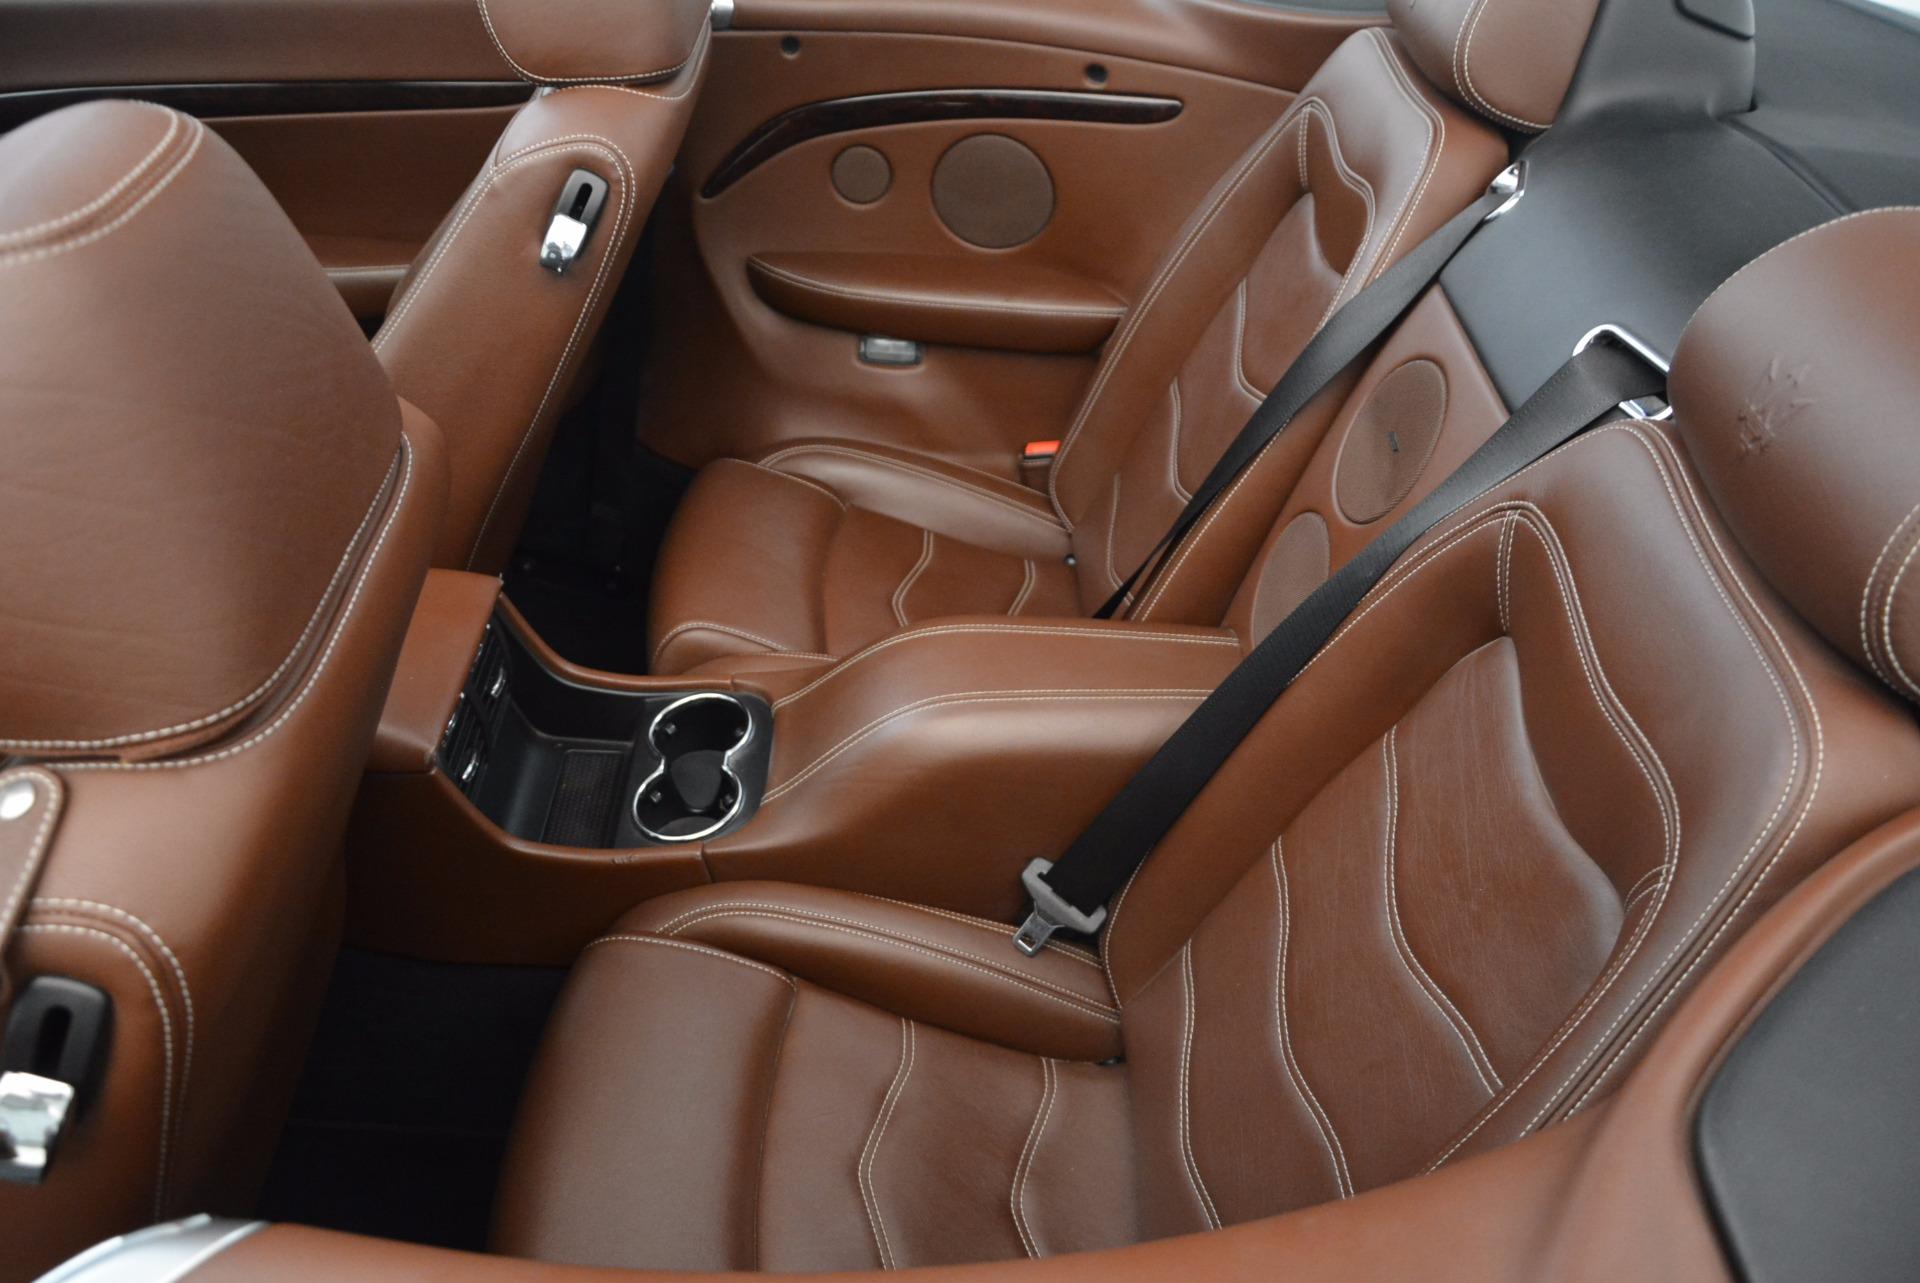 Used 2012 Maserati GranTurismo Sport For Sale In Westport, CT 1097_p25